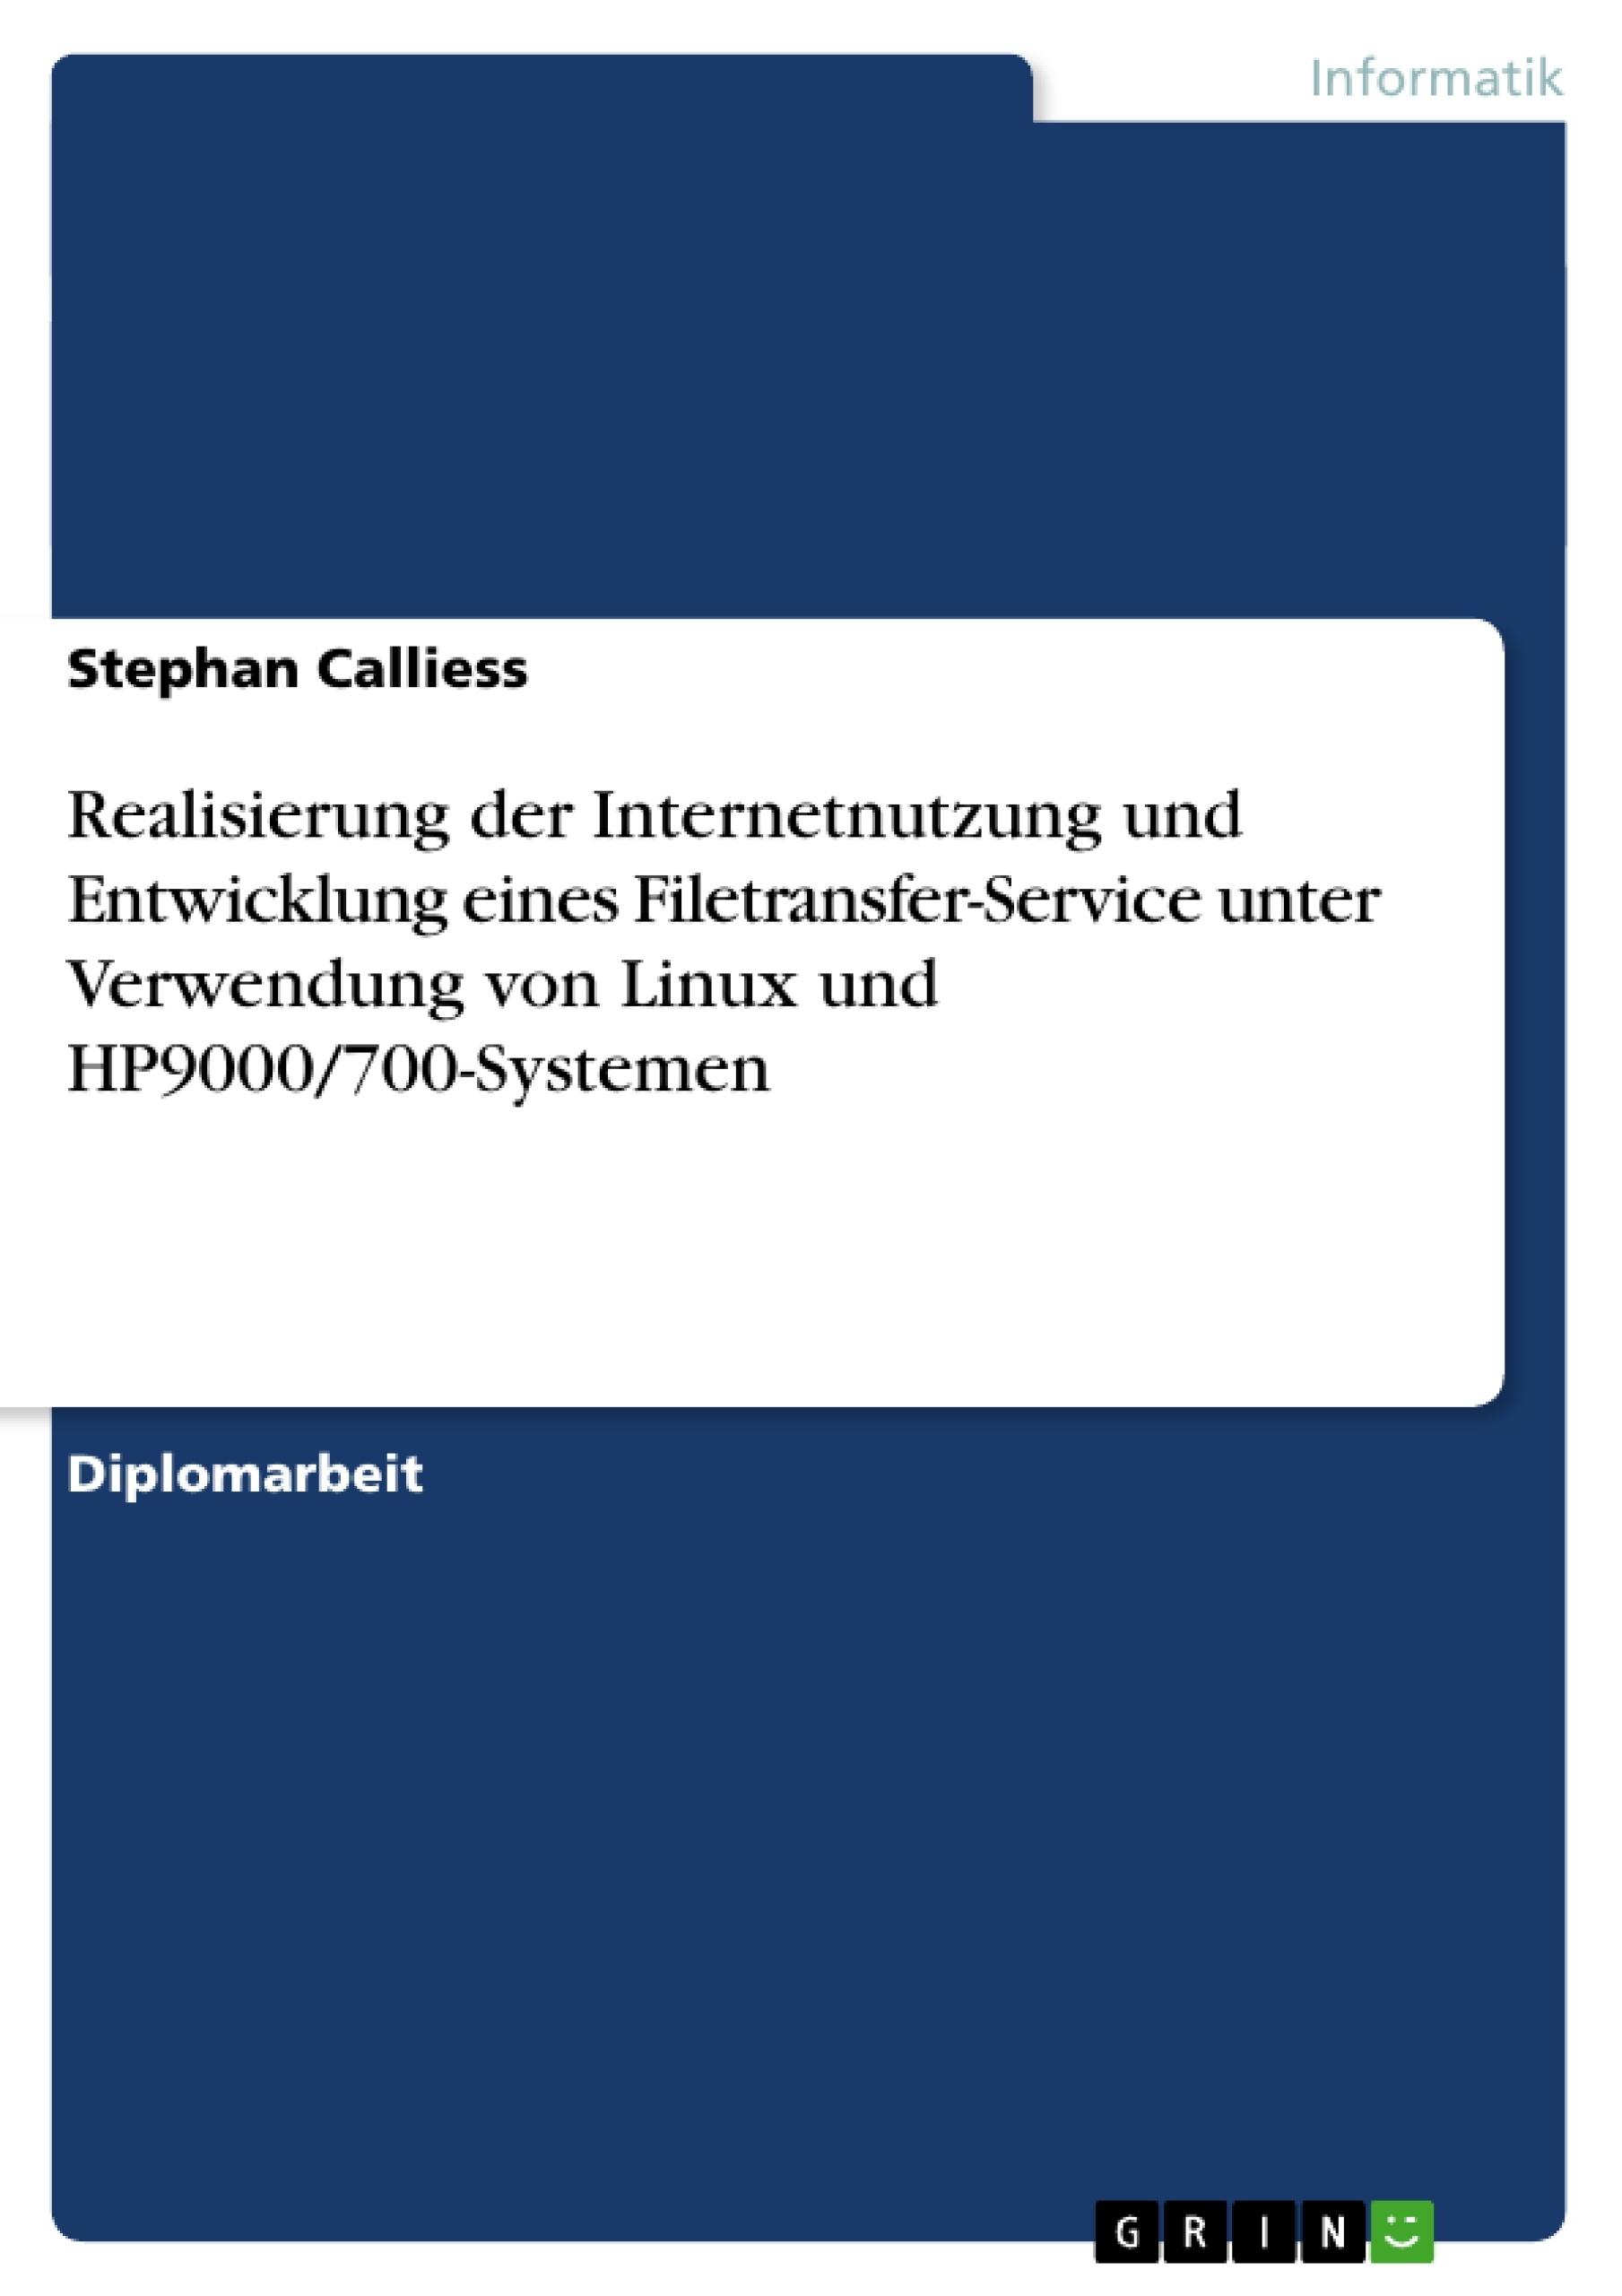 Titel: Realisierung der Internetnutzung und Entwicklung eines Filetransfer-Service unter Verwendung von Linux und HP9000/700-Systemen